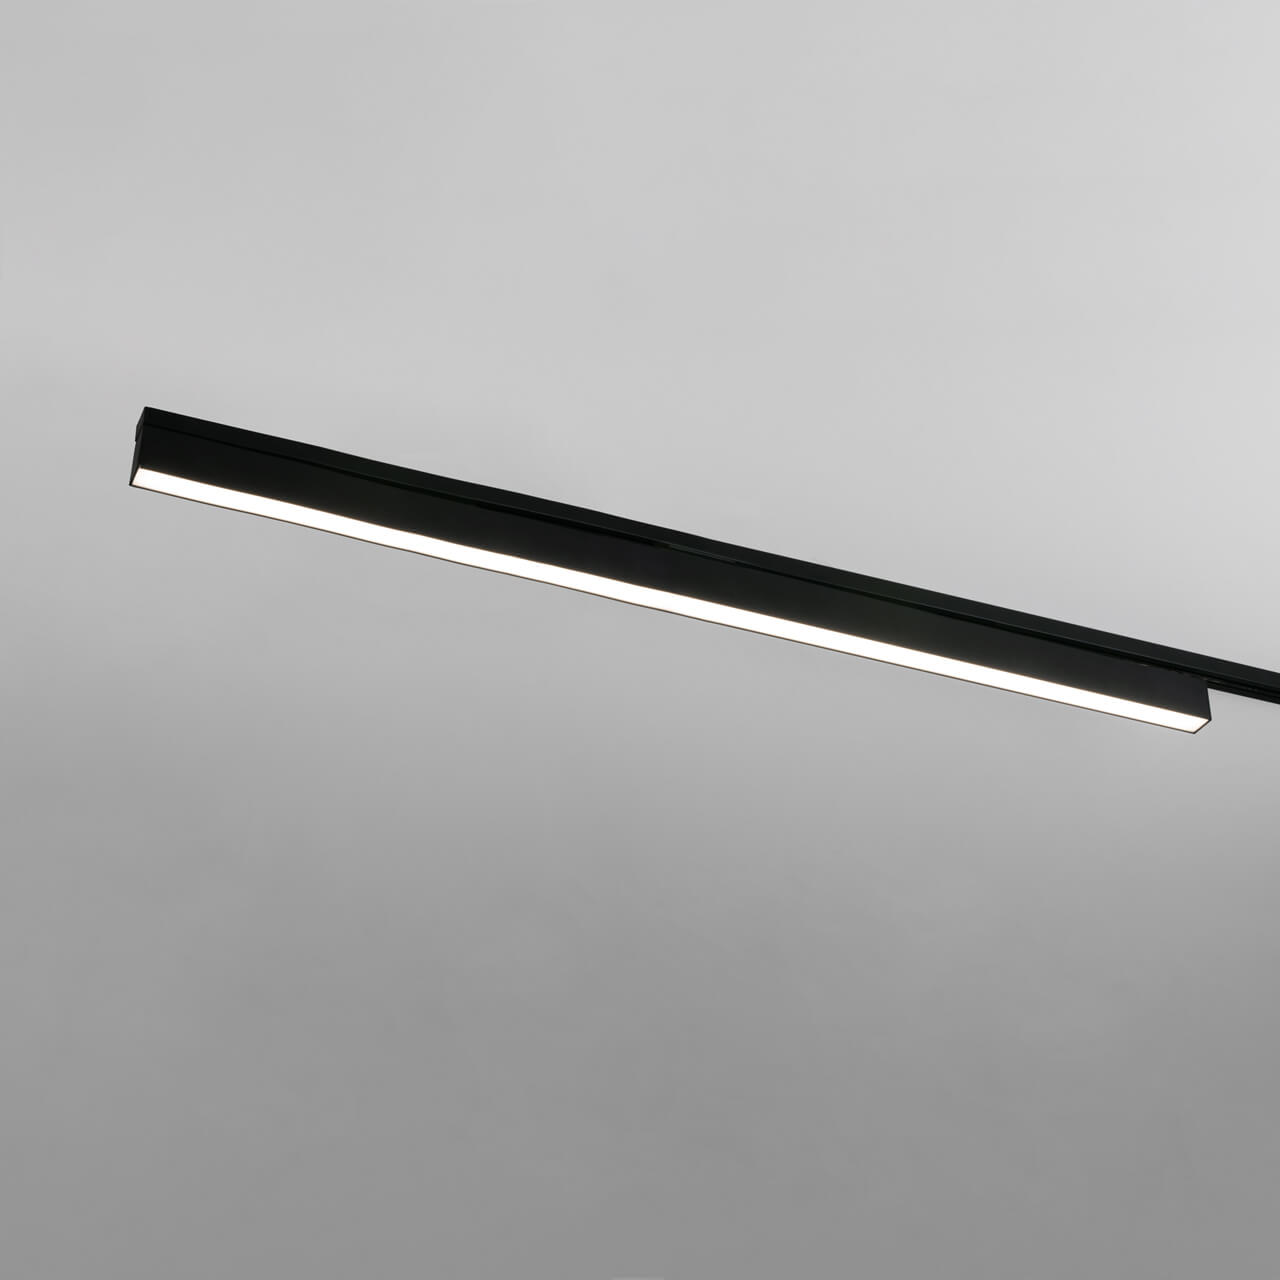 Светильник Elektrostandard 4690389161551 X-Line (для однофазного шинопровода)